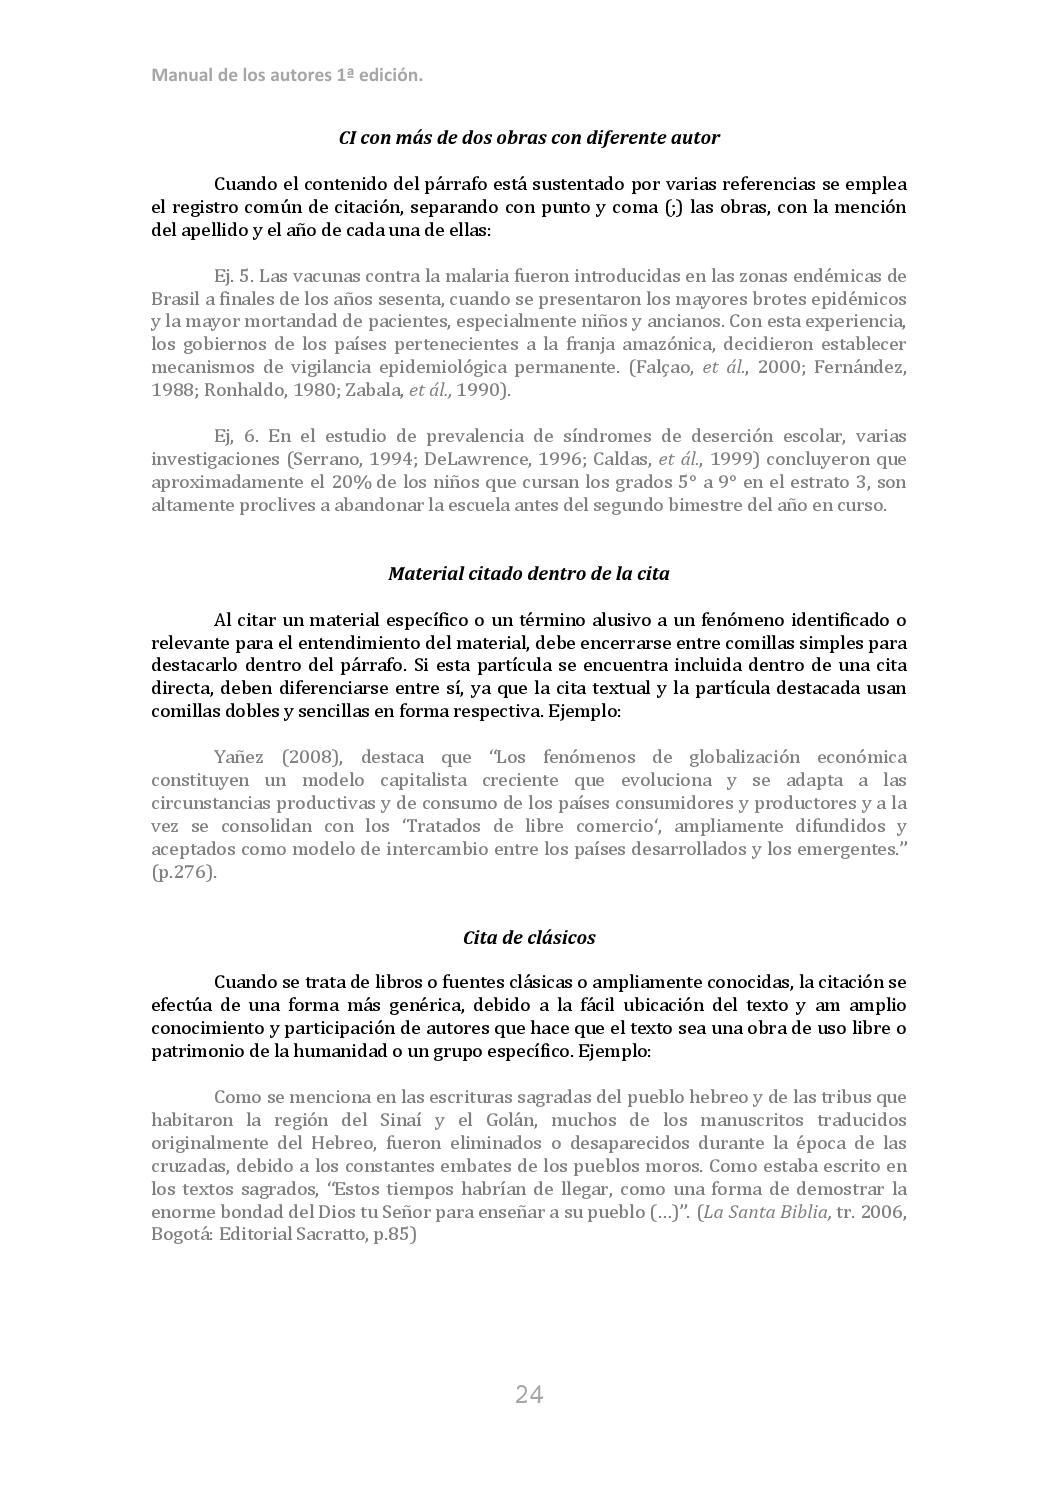 Manual de los autores by Joaquín Guerrero Vargas - issuu